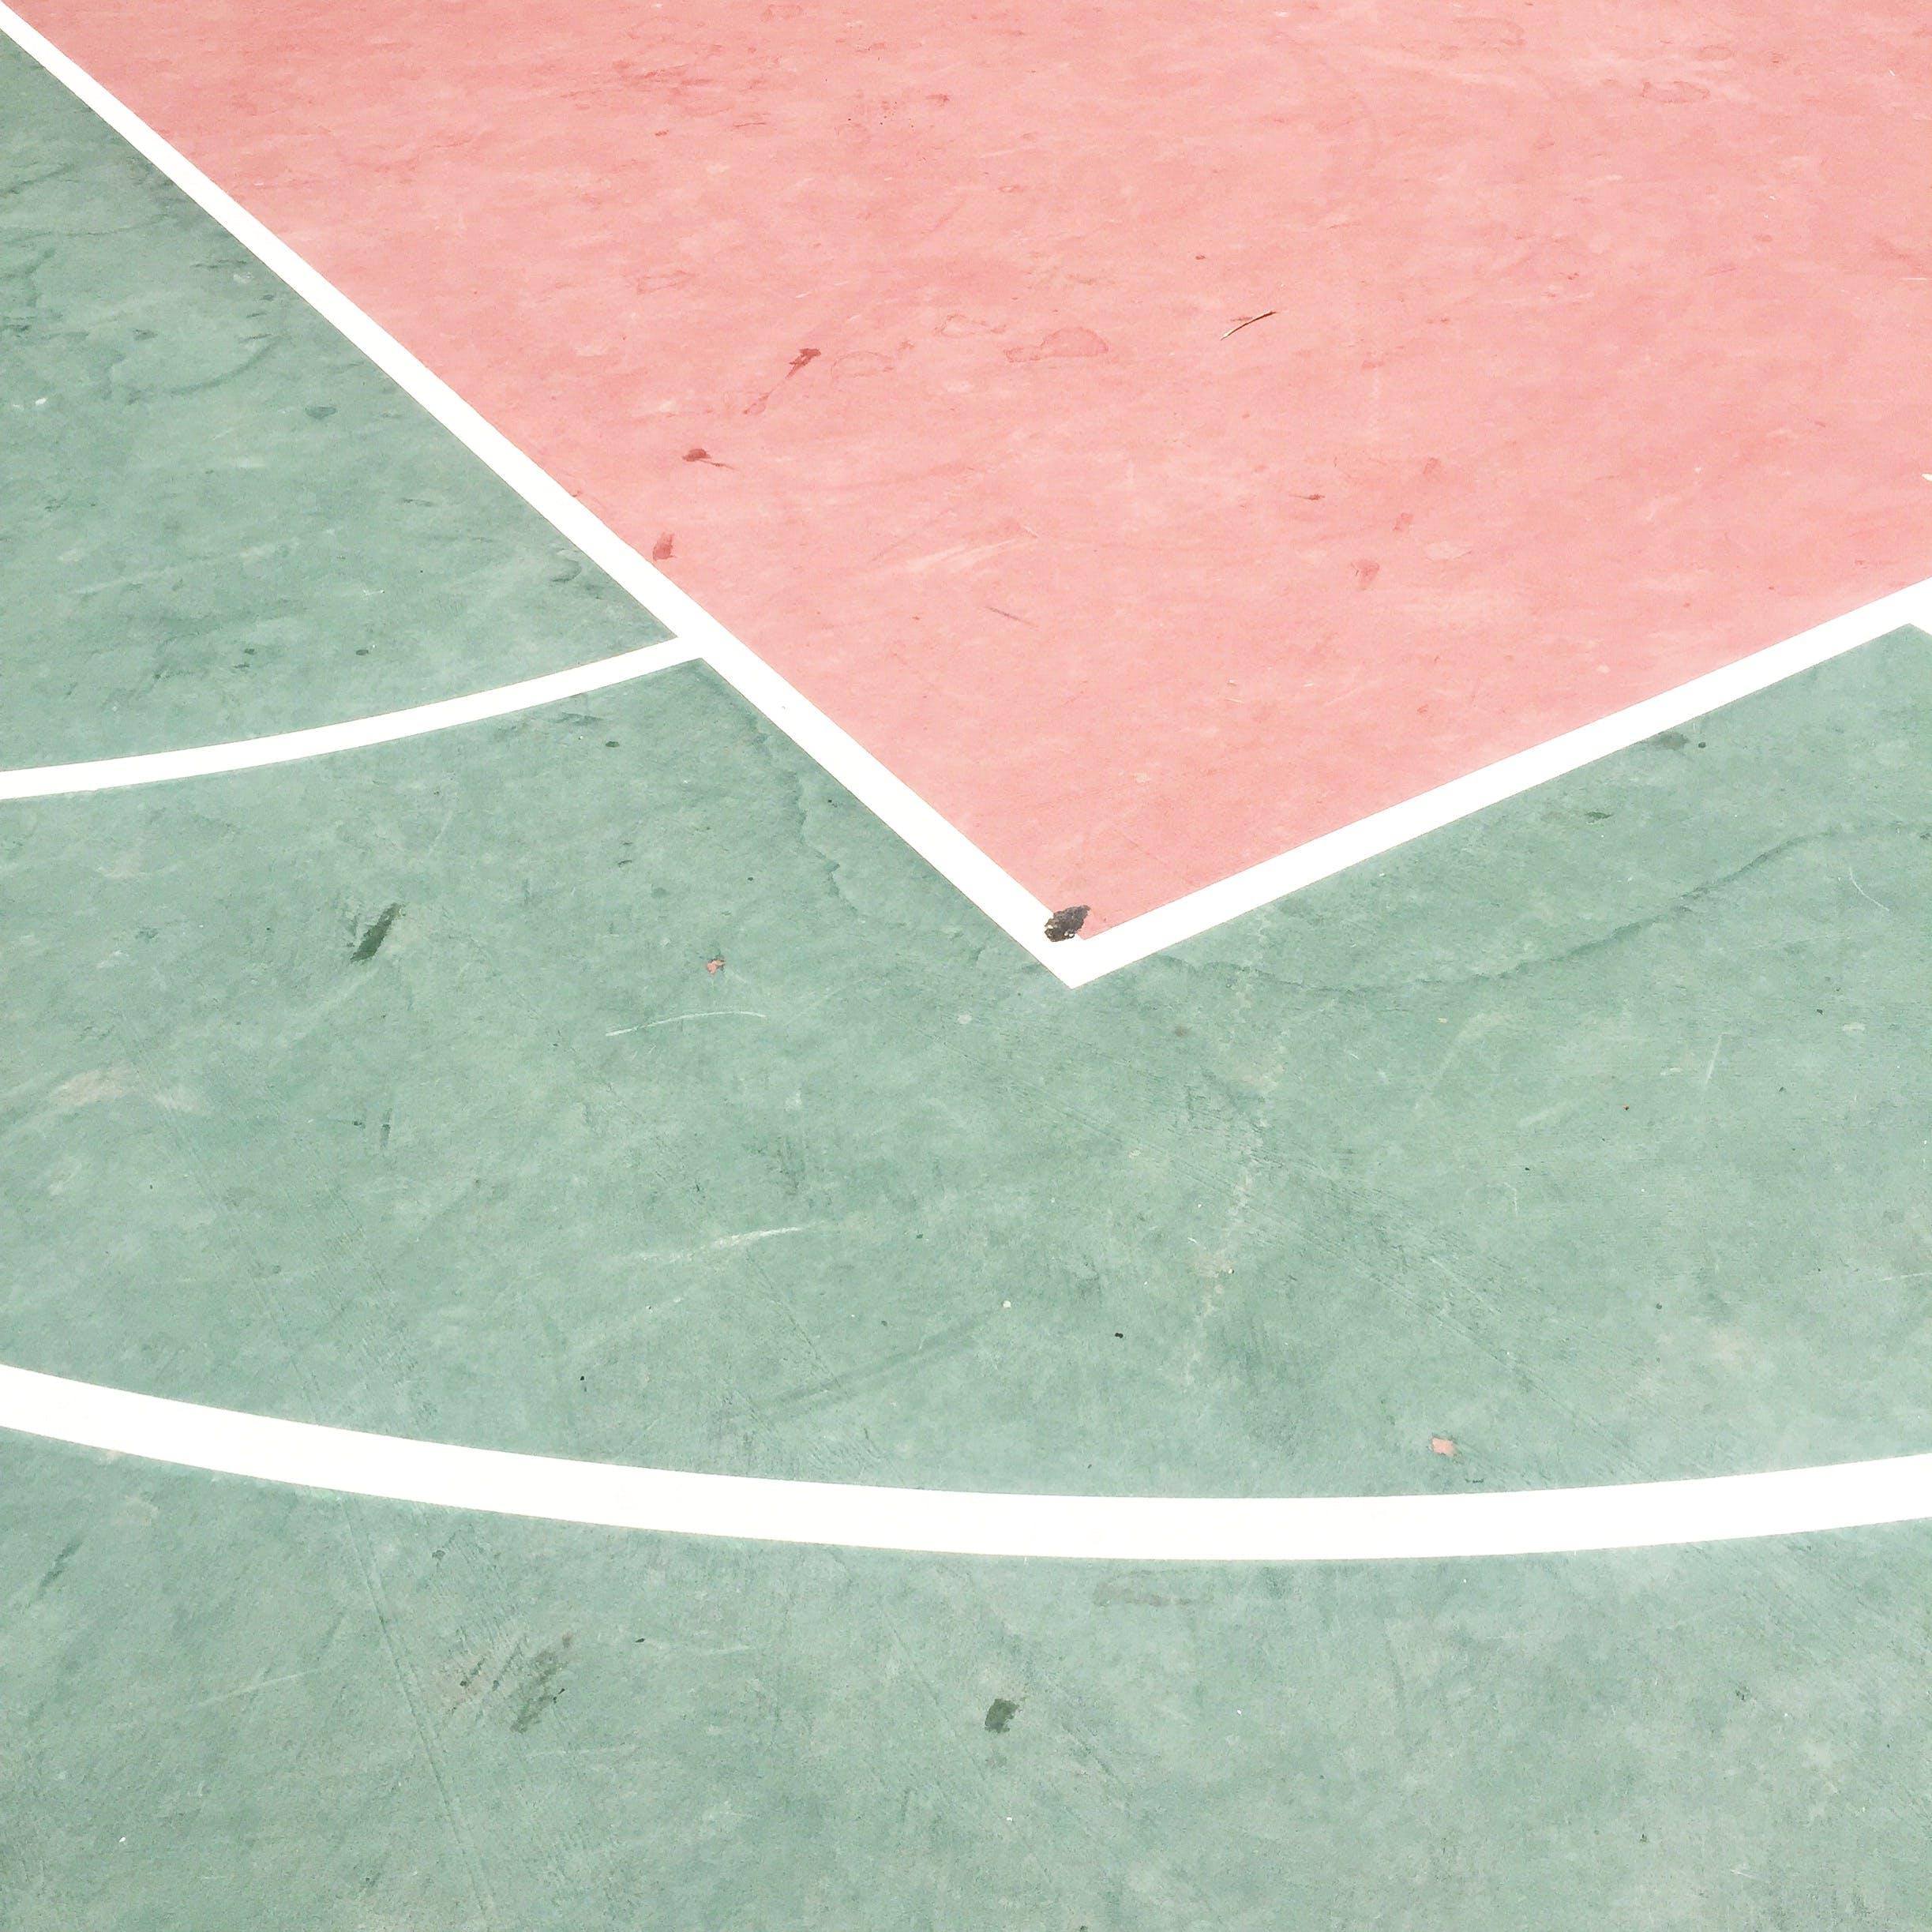 çekilmiş, kort, tenis, Tenis topu içeren Ücretsiz stok fotoğraf